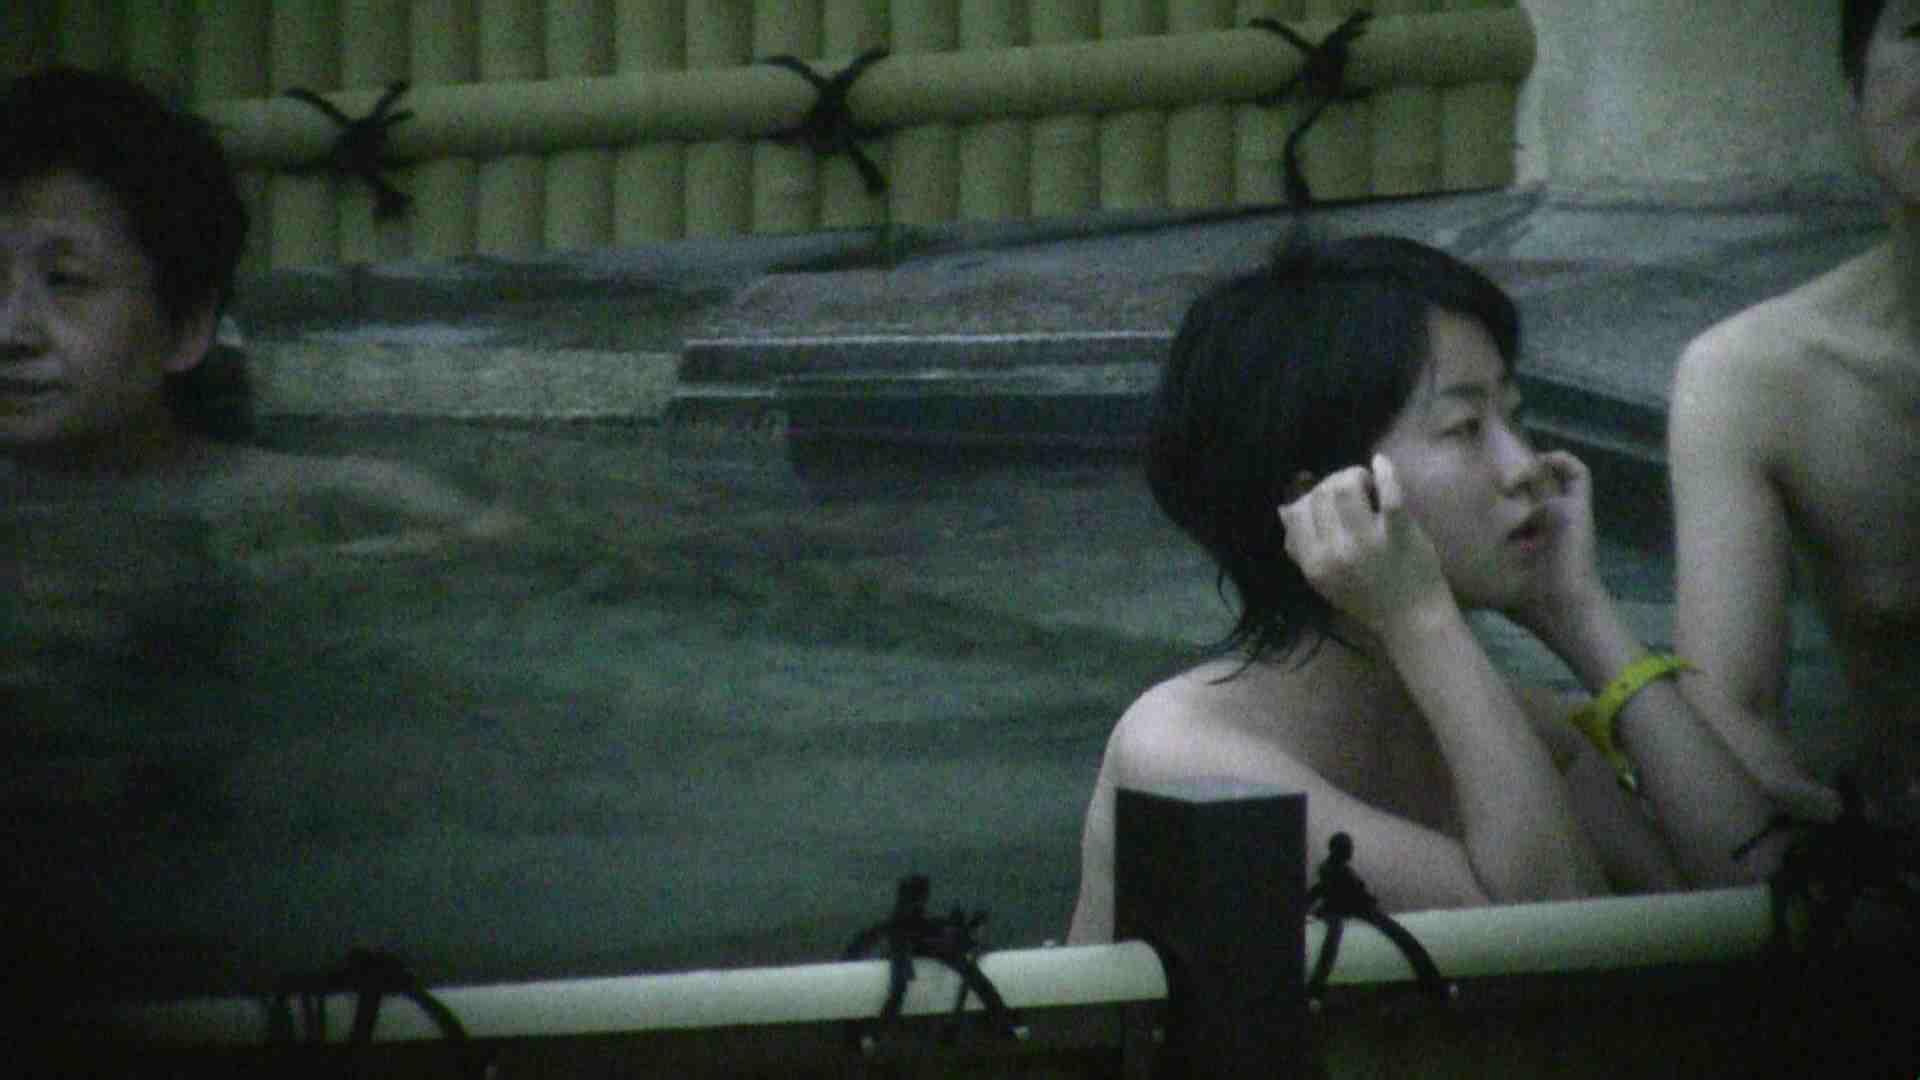 Aquaな露天風呂Vol.112 OLエロ画像 | 露天  26PICs 19